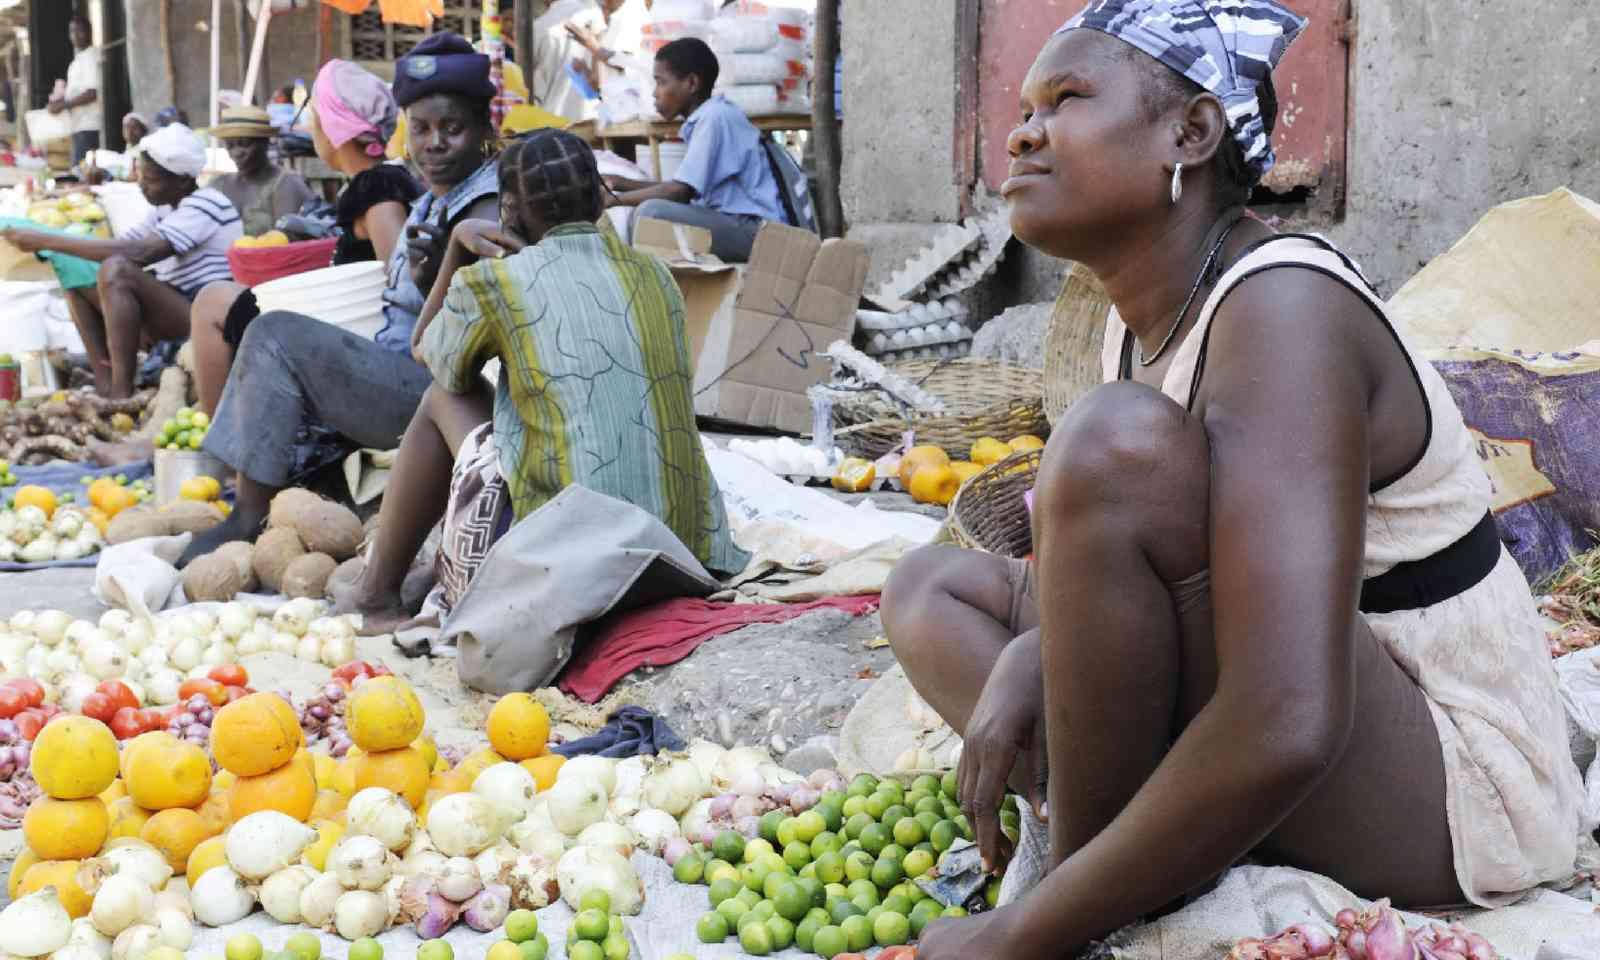 Woman selling in a market, Haiti (Shutterstock)